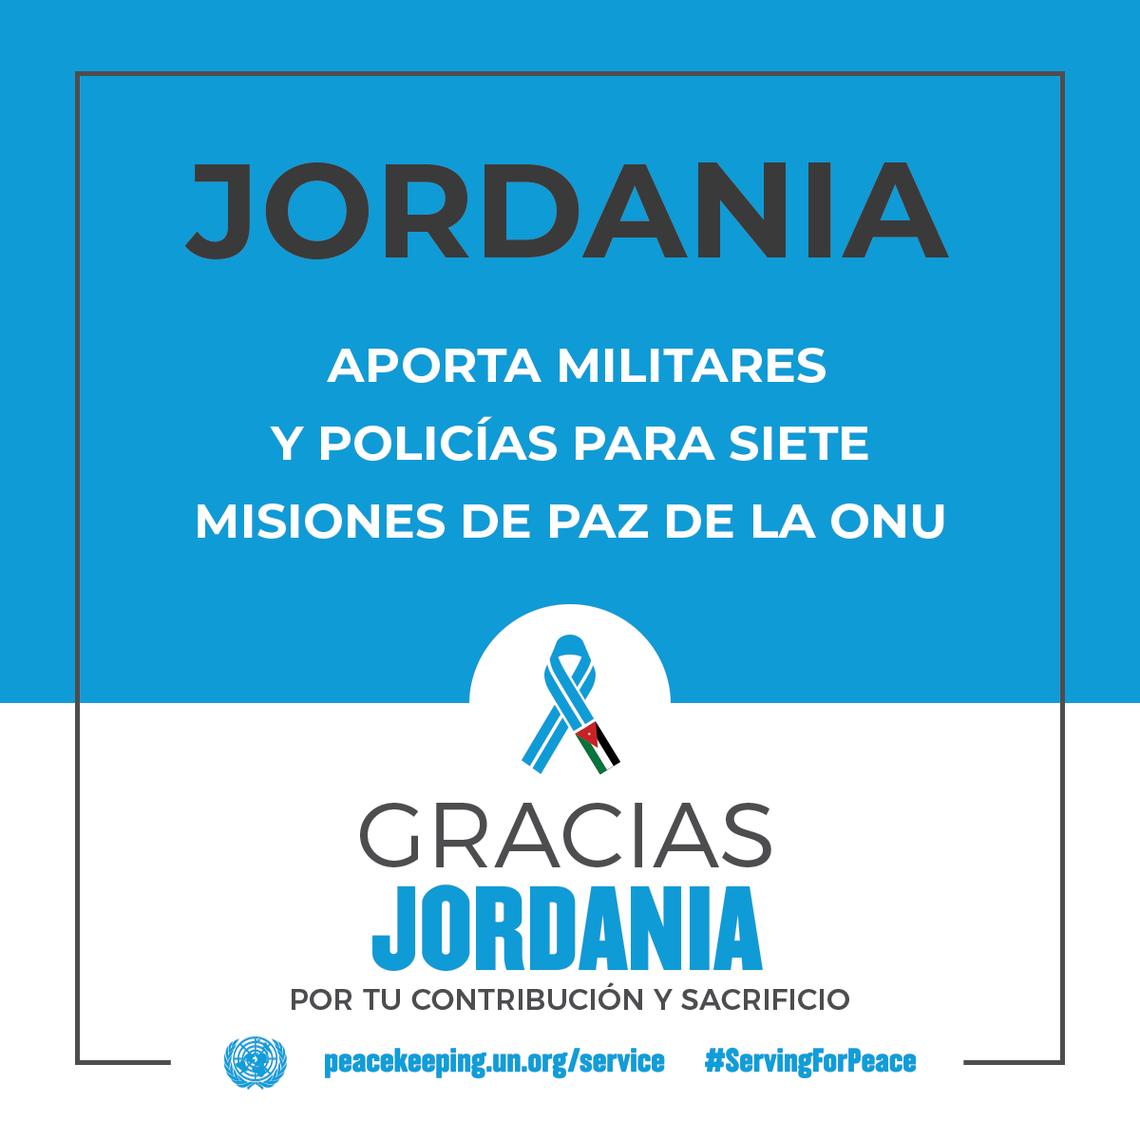 Jordania aporta militares y policías para siete Misiones de Paz de la ONU